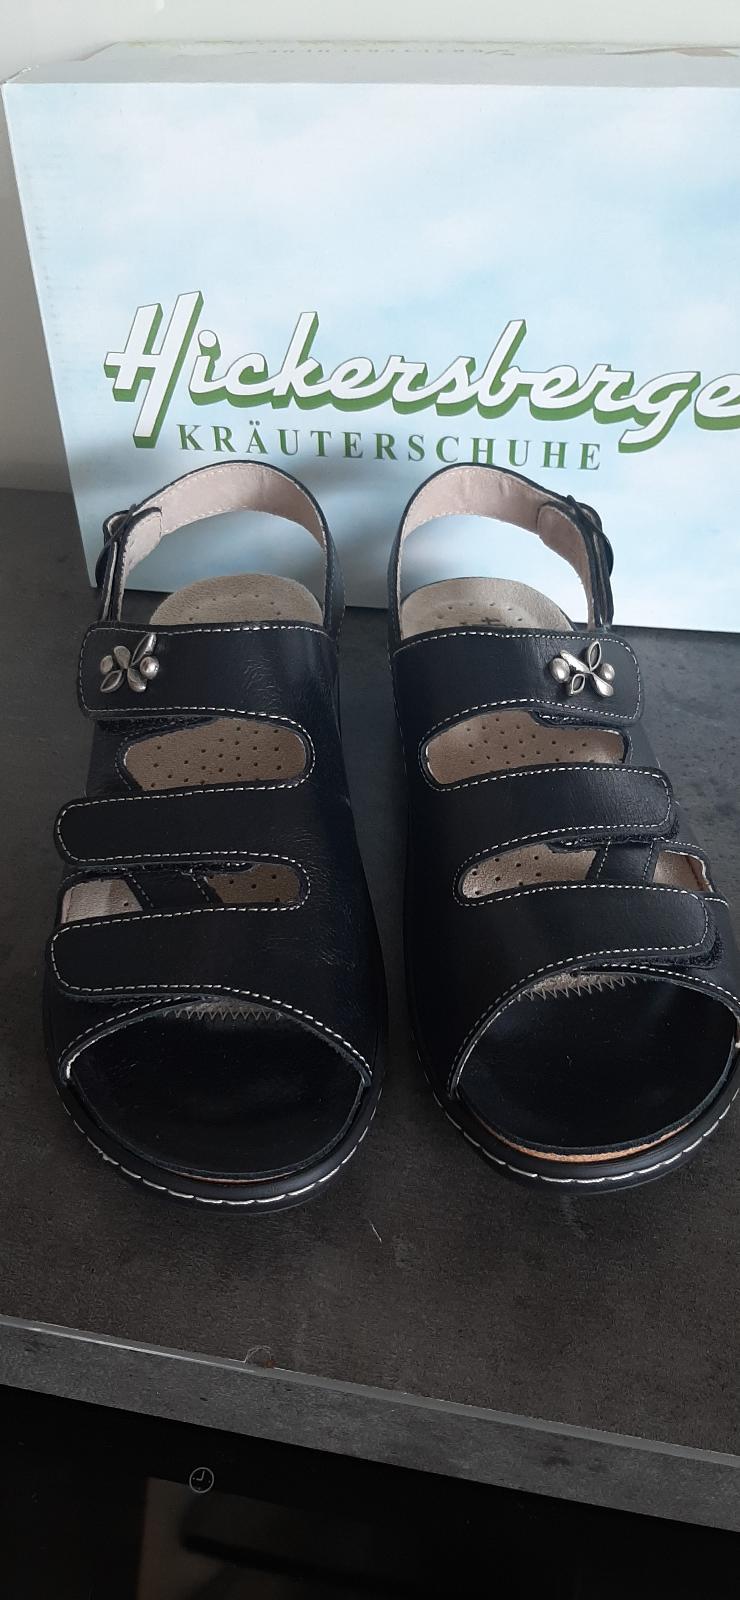 Bild Nummer 2 von Sandale schwarz Hickersberger